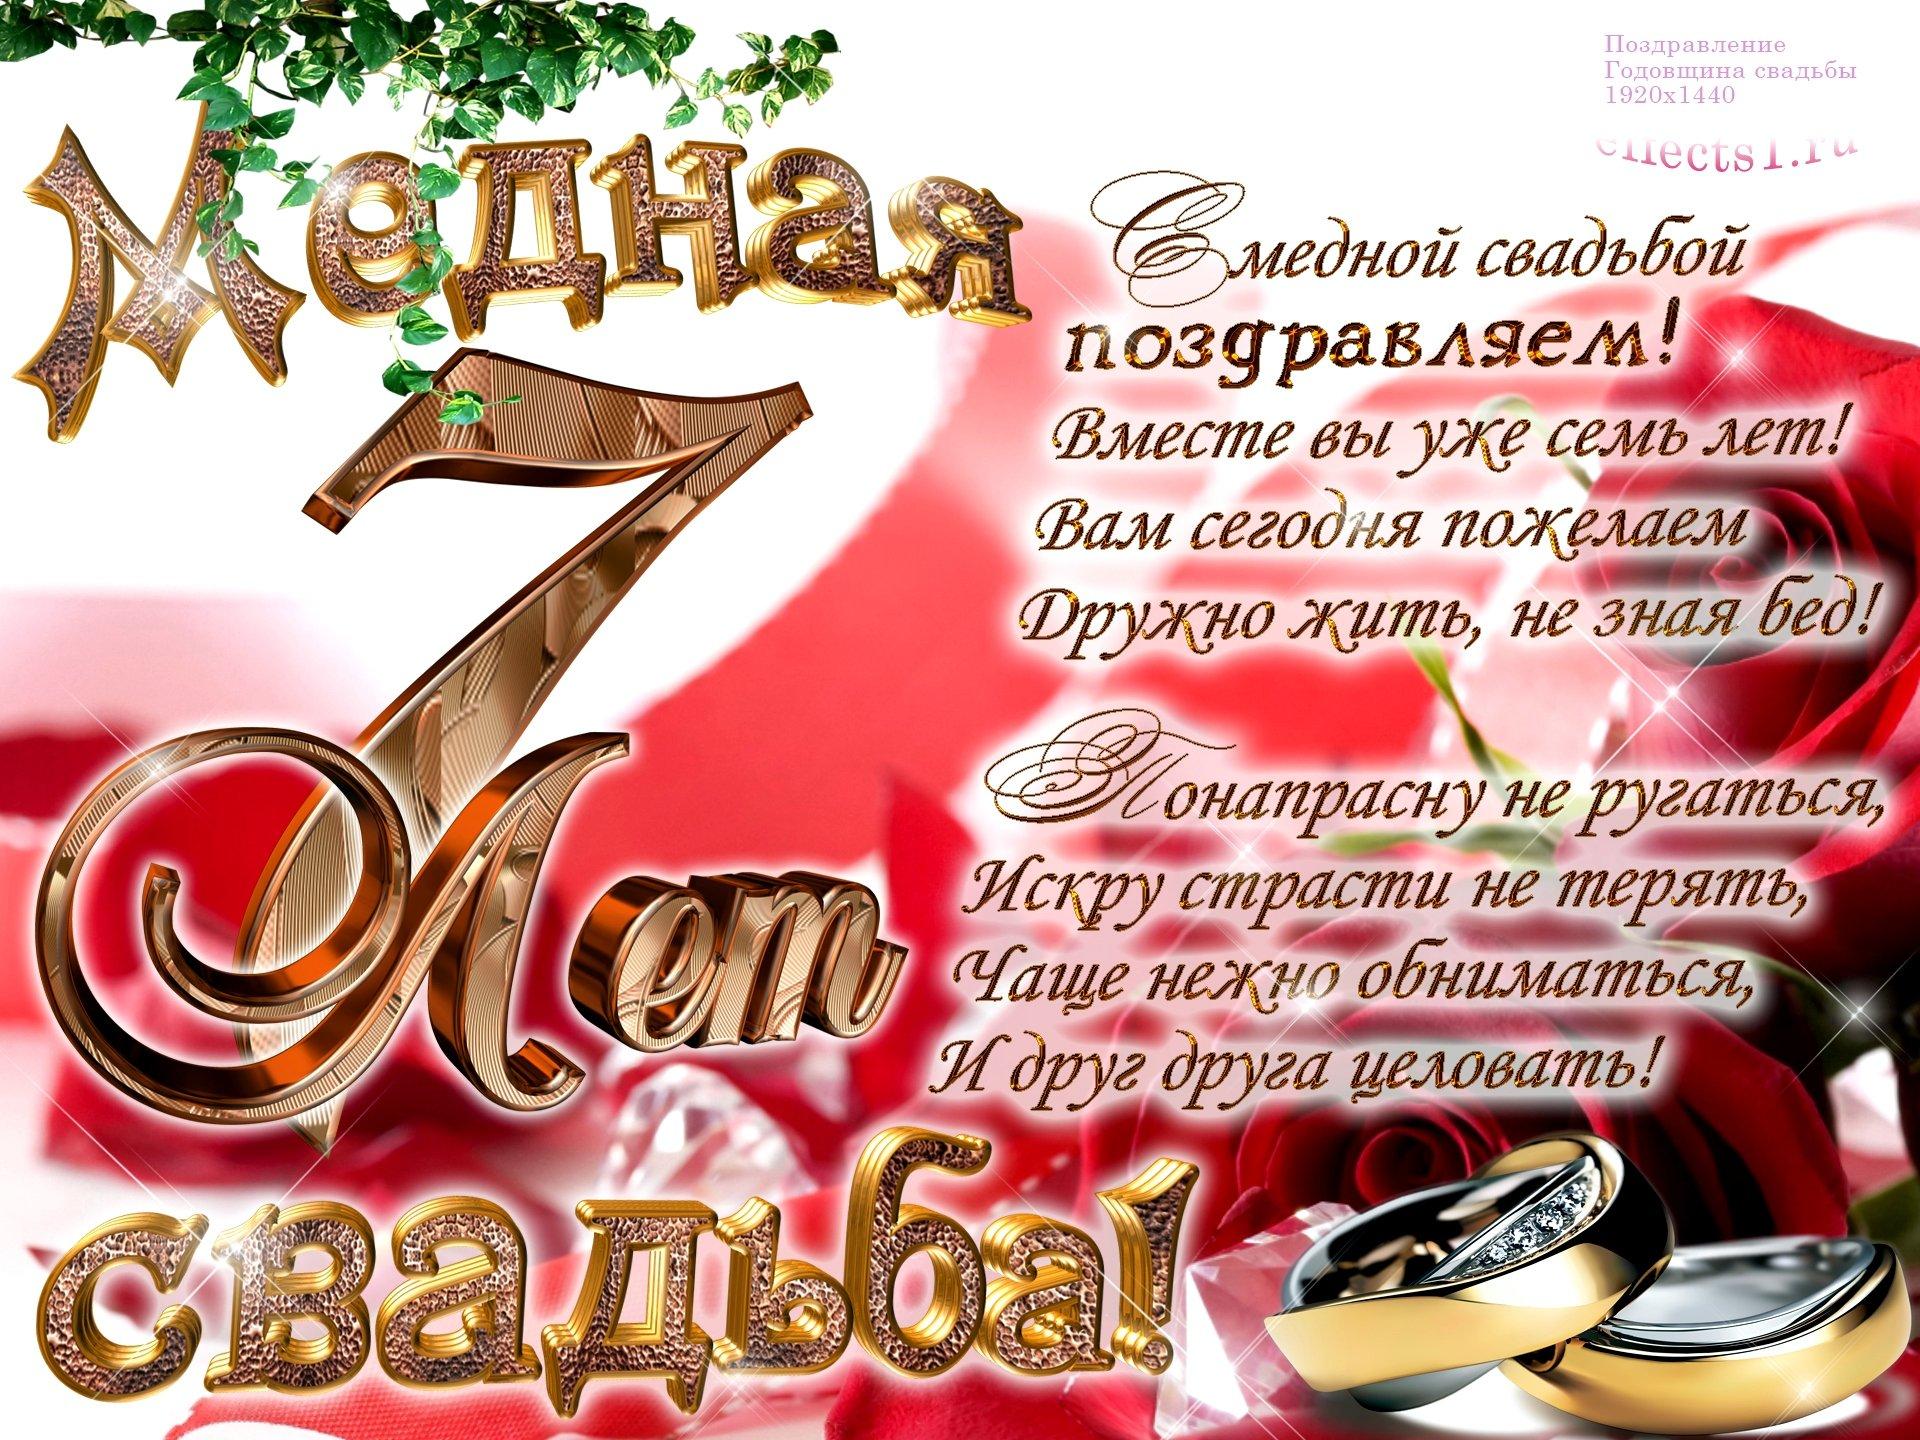 Поздравление с годовщиной свадьбы 7 год